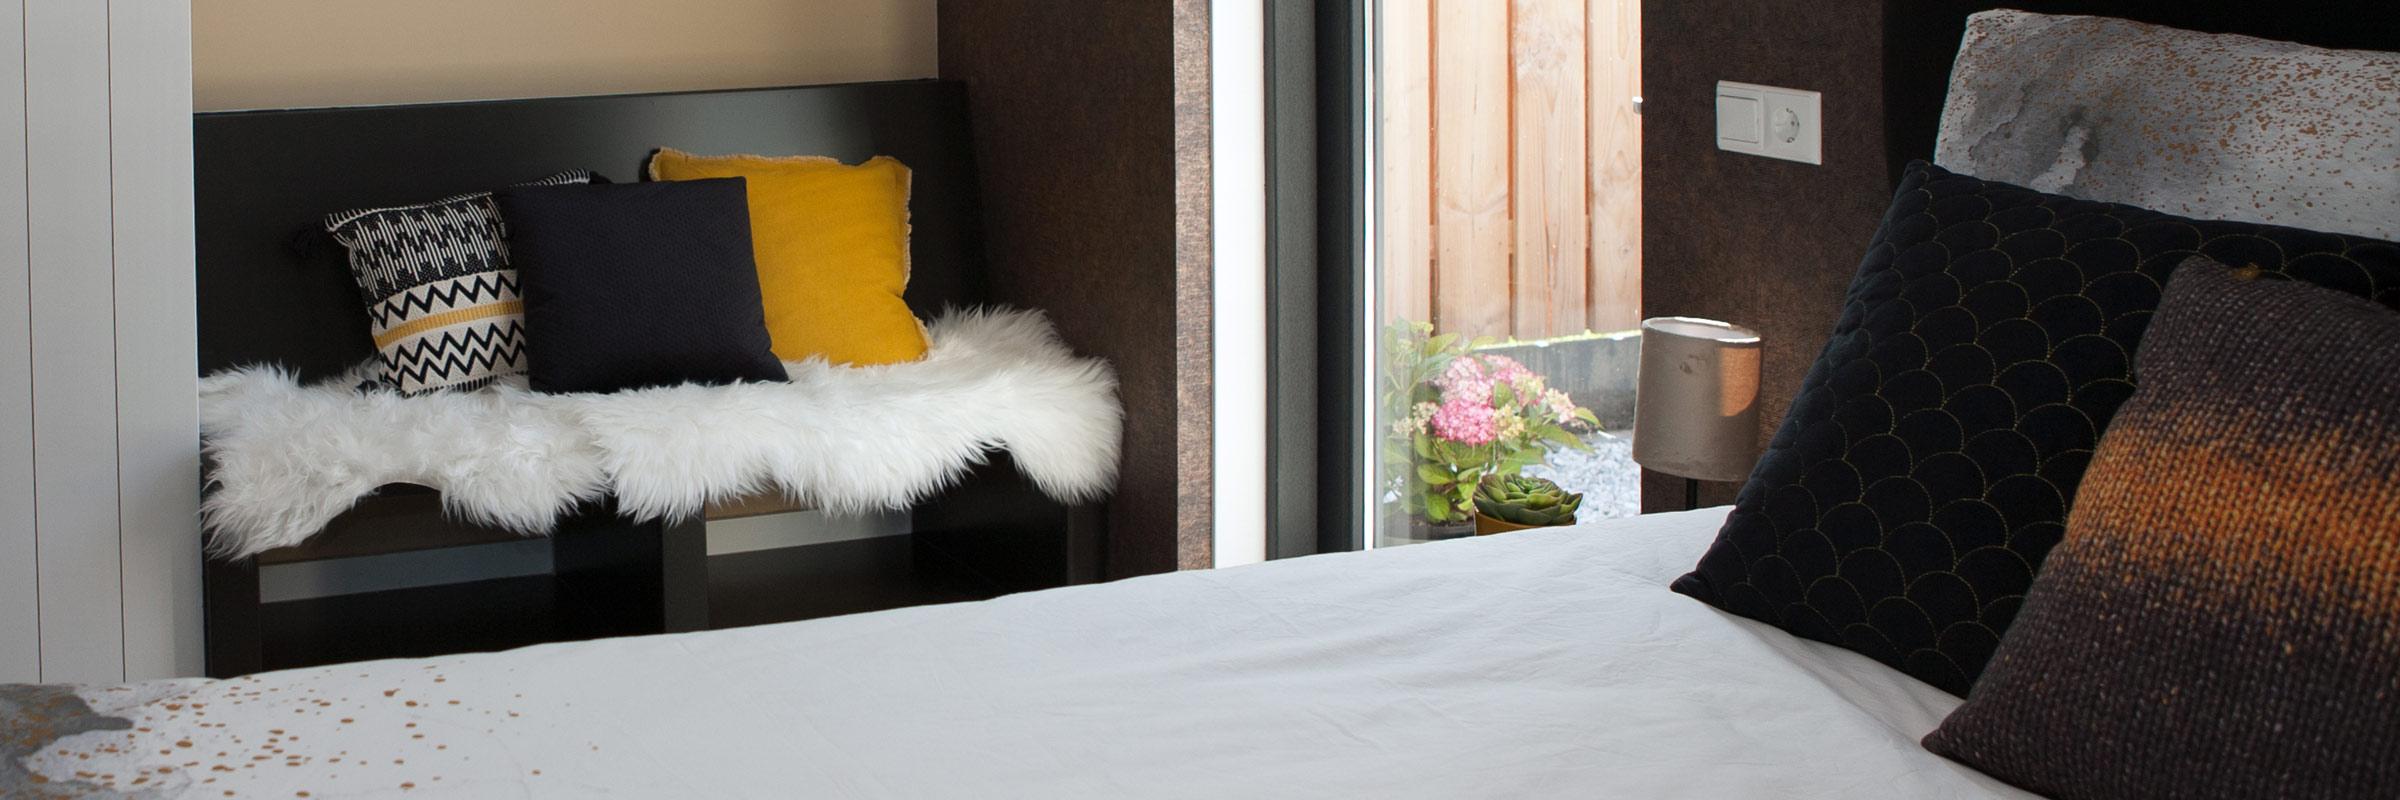 DreamZzz Bed & Breakfast